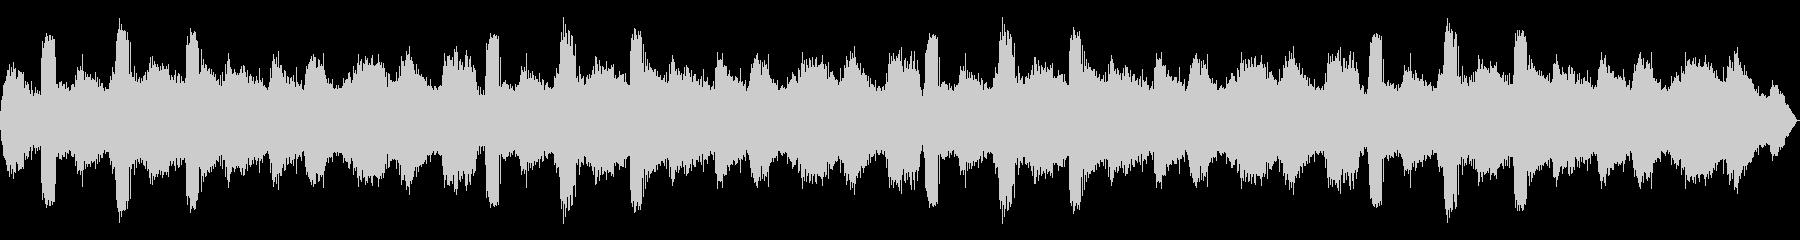 [バイノーラル録音]ヒグラシの鳴く森02の未再生の波形